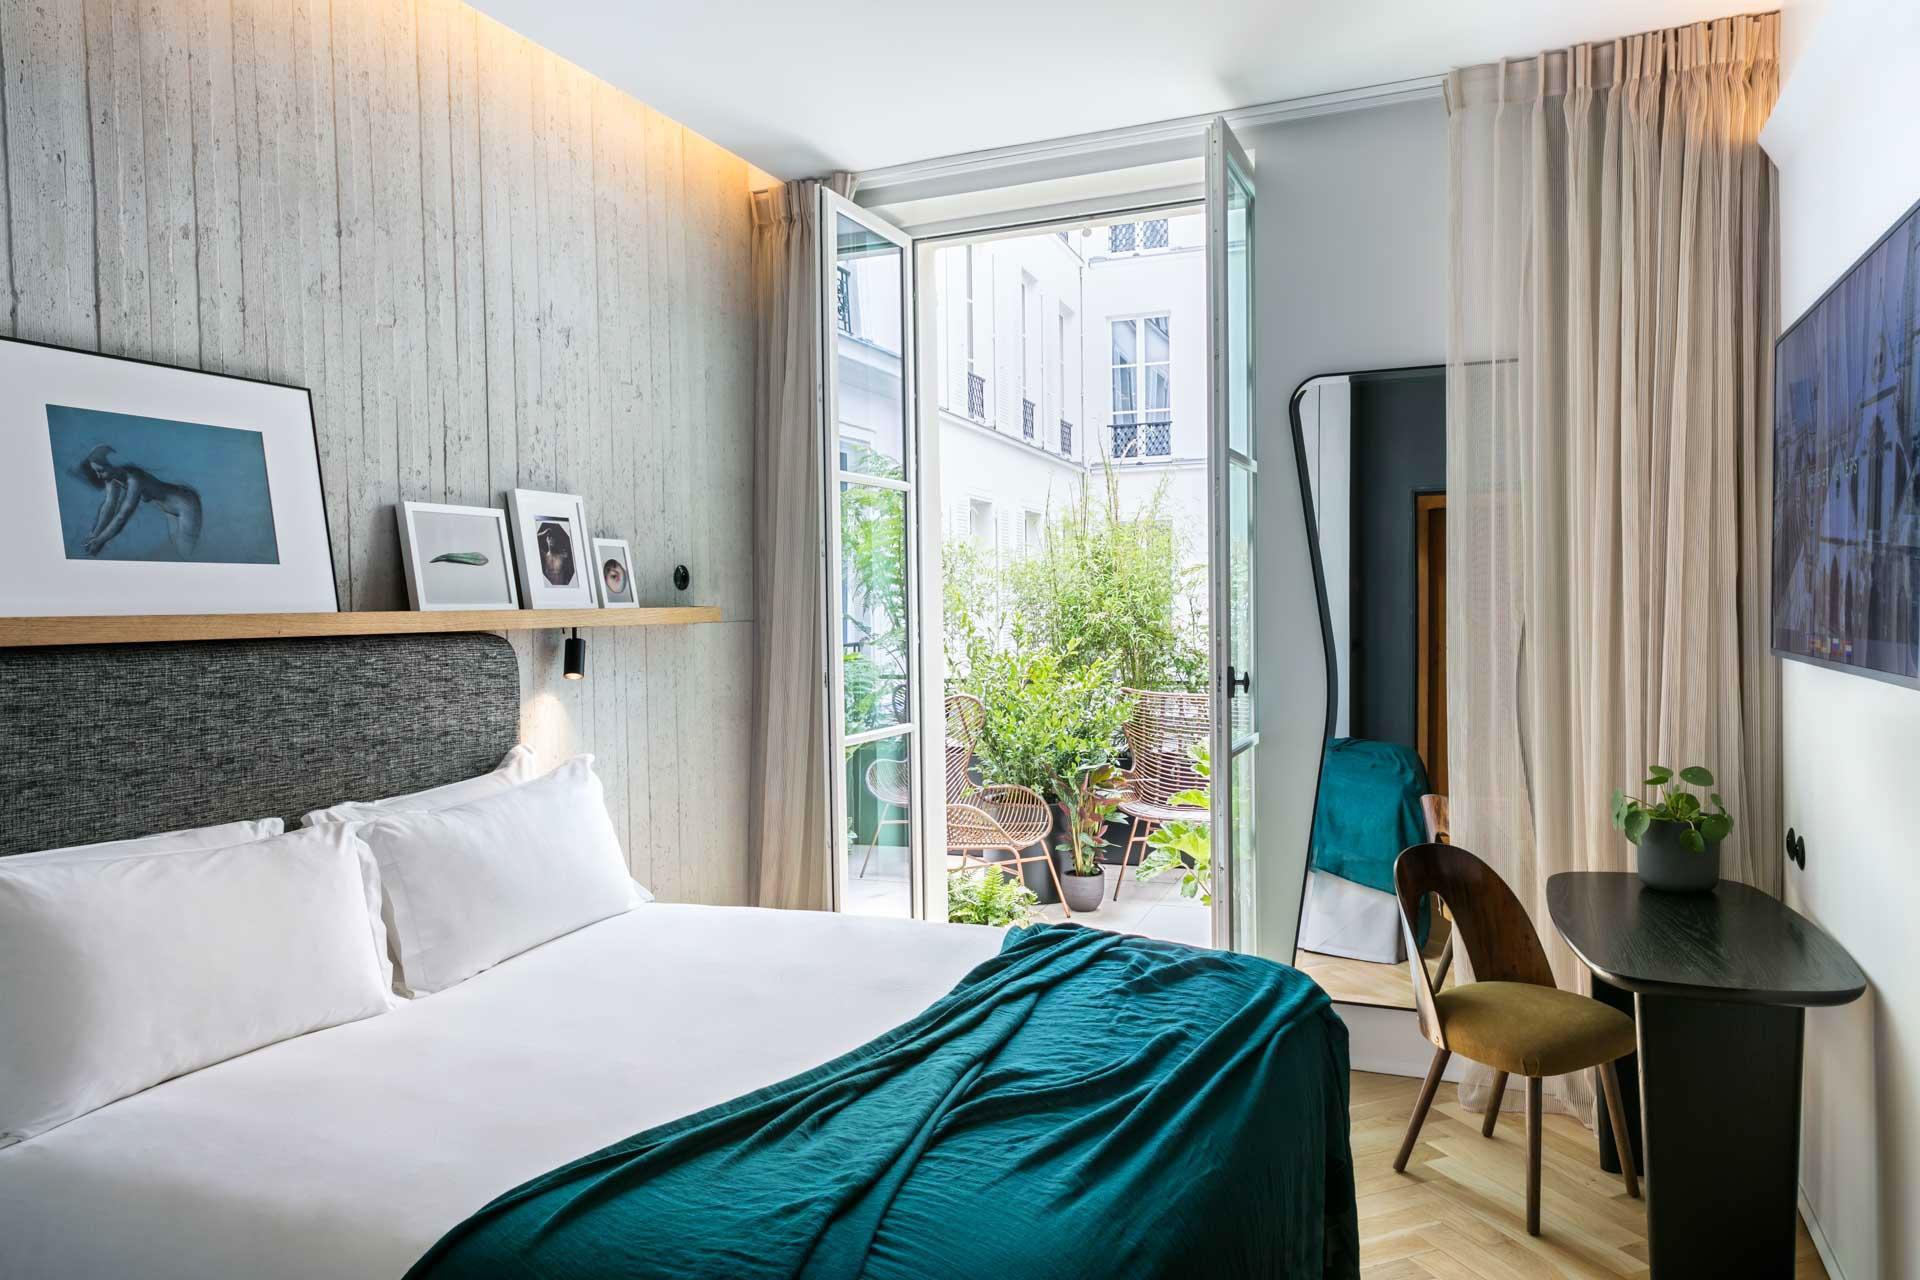 Pour un weekend à Paris, il existe désormais une nouvelle génération d'hôtels intimistes, contemporains… et abordables ! Découvrez ici notre sélection des plus beaux hôtels 4-étoiles de la capitale.